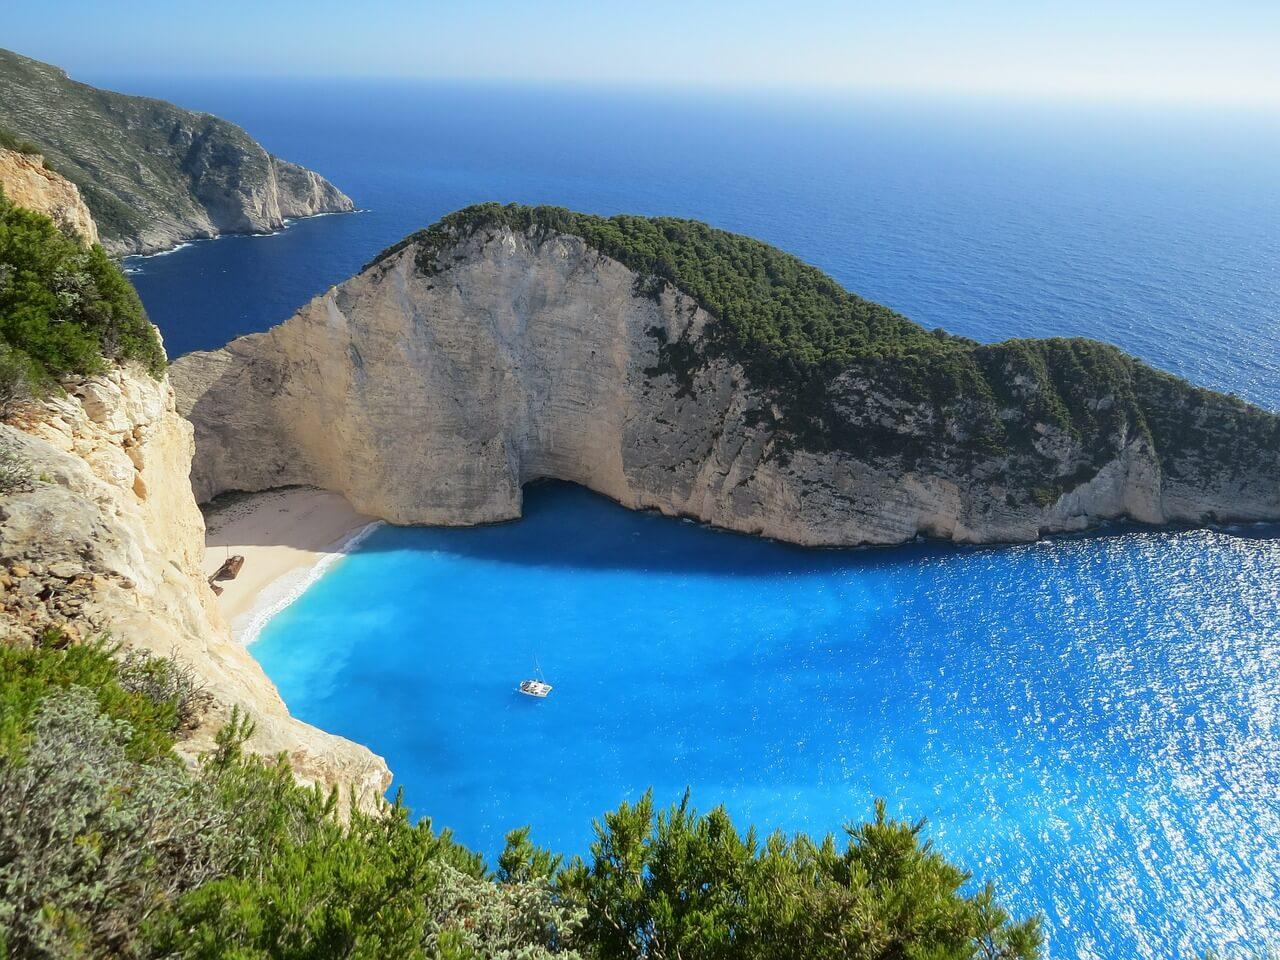 Subventionierter Griechenland-Urlaub oder Schuldenschnitt?